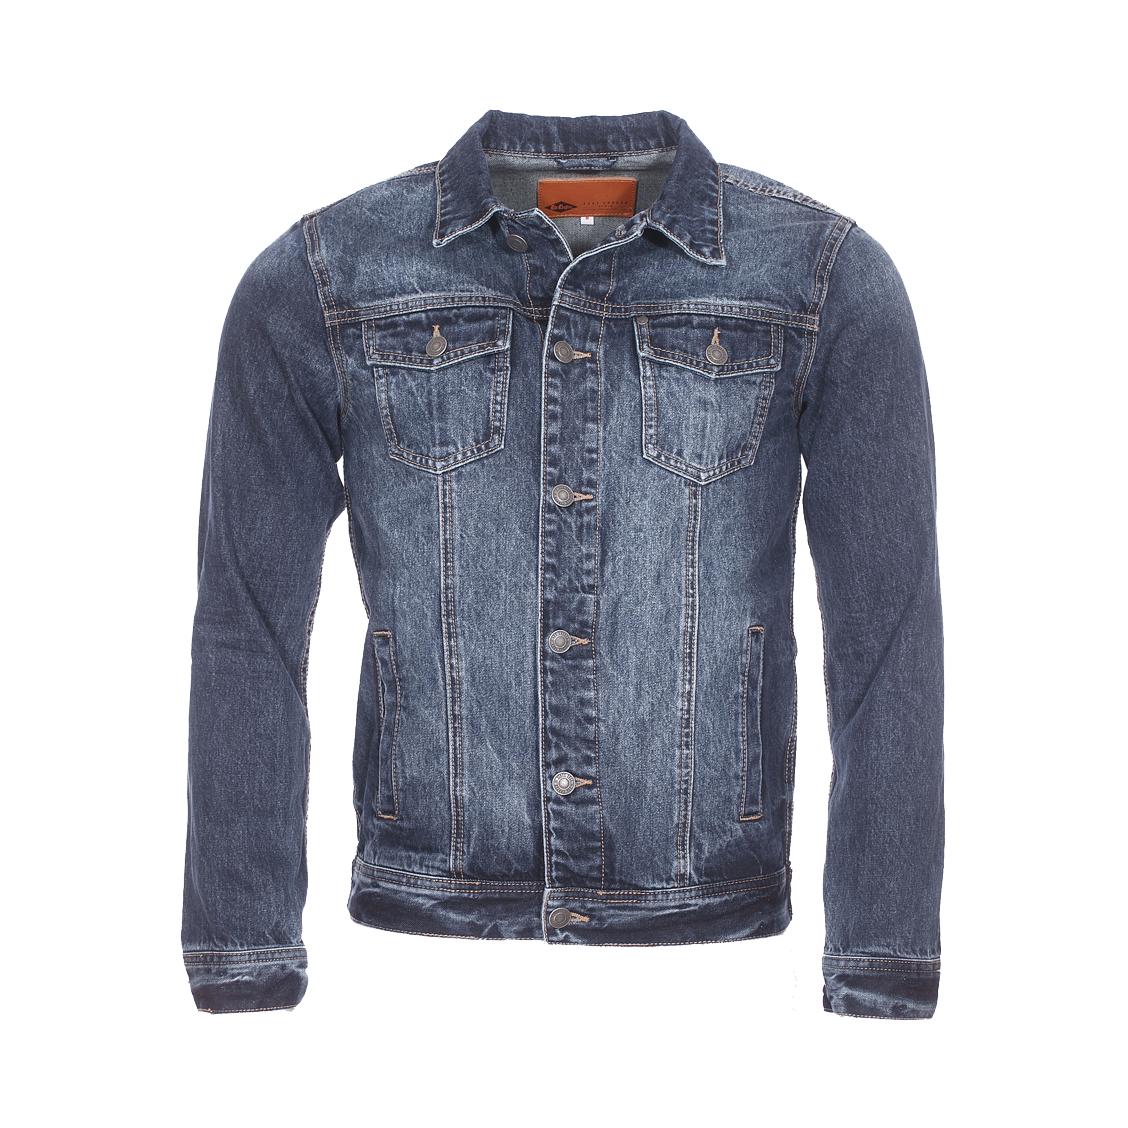 Veste en jean  field en coton bleu foncé légèrement délavé